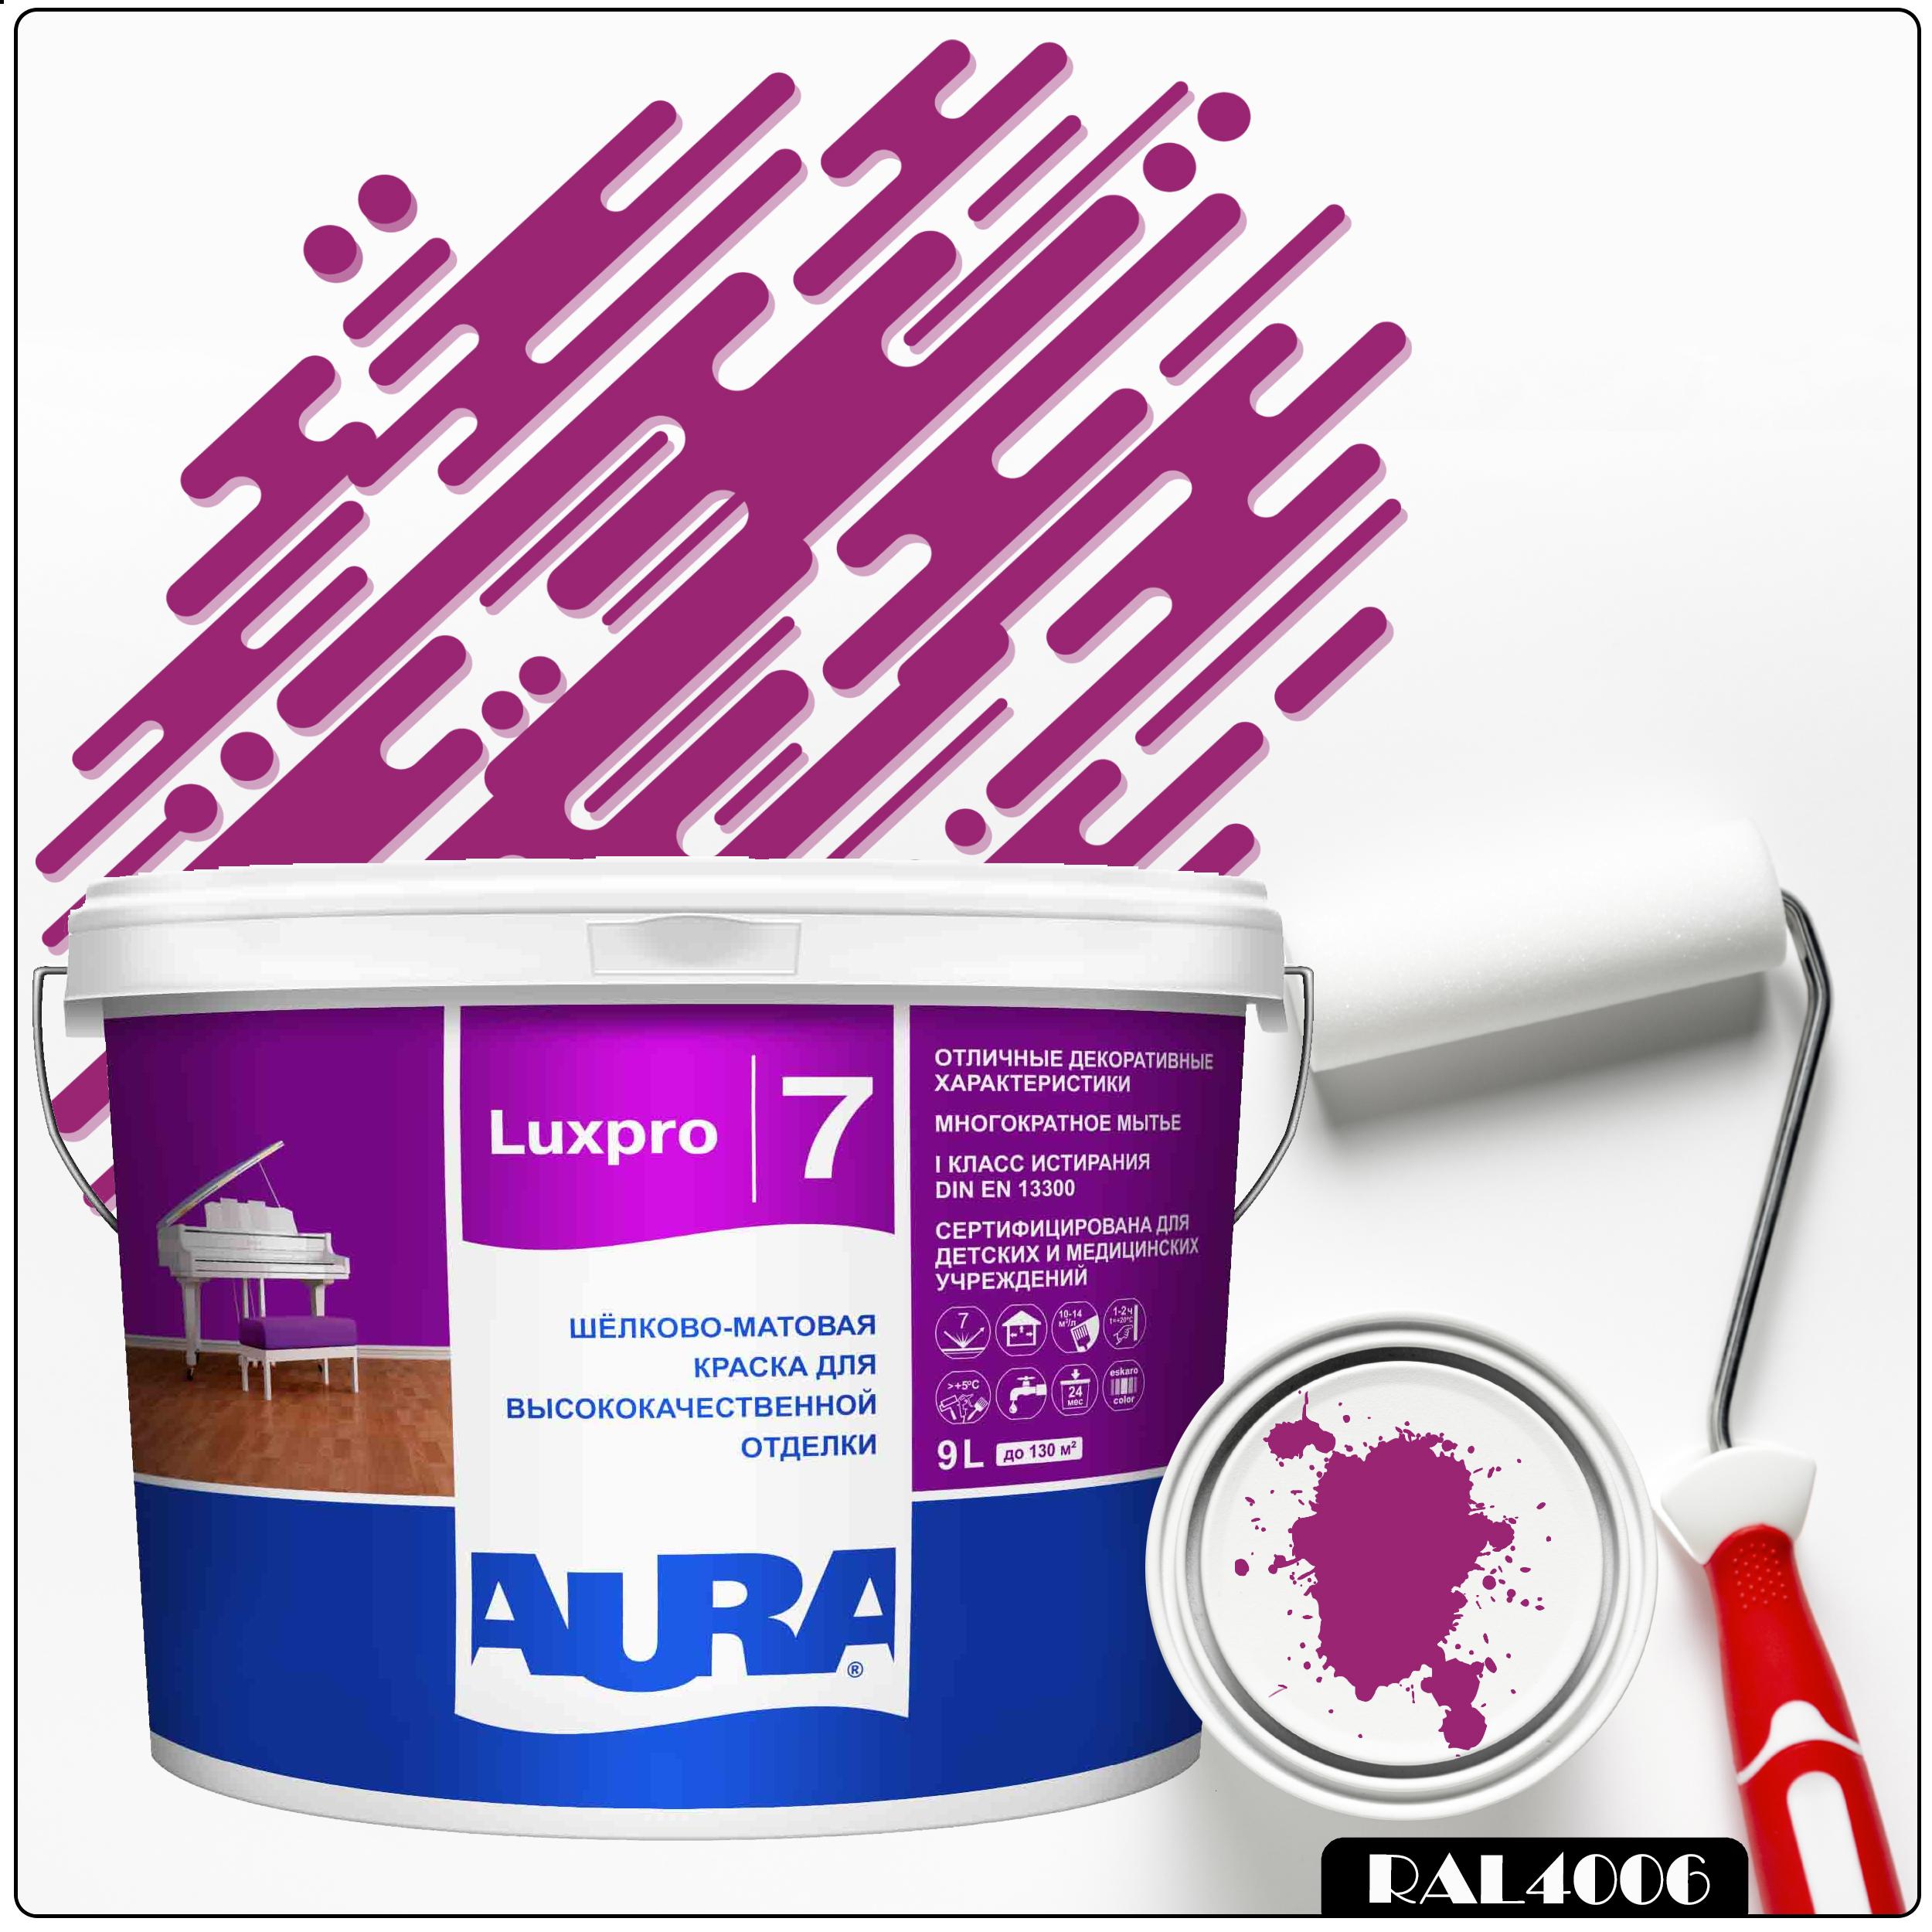 Фото 6 - Краска Aura LuxPRO 7, RAL 4006 Пурпурный транспортный, латексная, шелково-матовая, интерьерная, 9л, Аура.